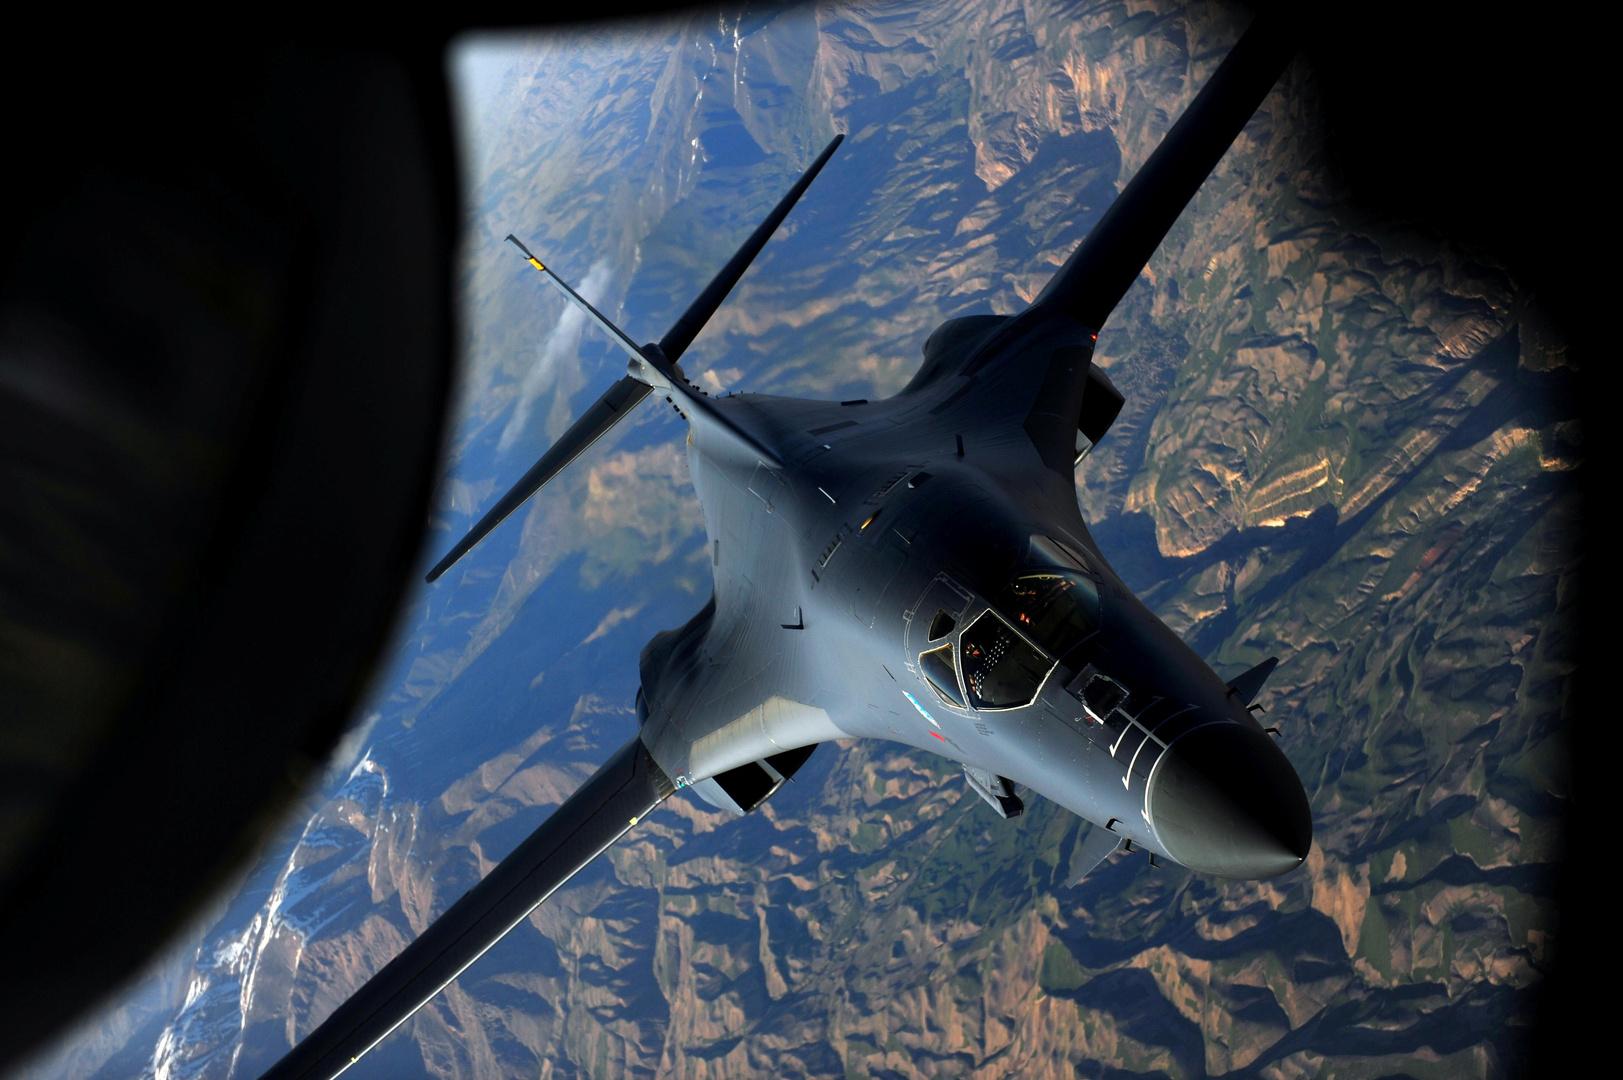 قاذفة استراتيجية أمريكية من نوع B-1B Lancer (صورة من الأرشيف)